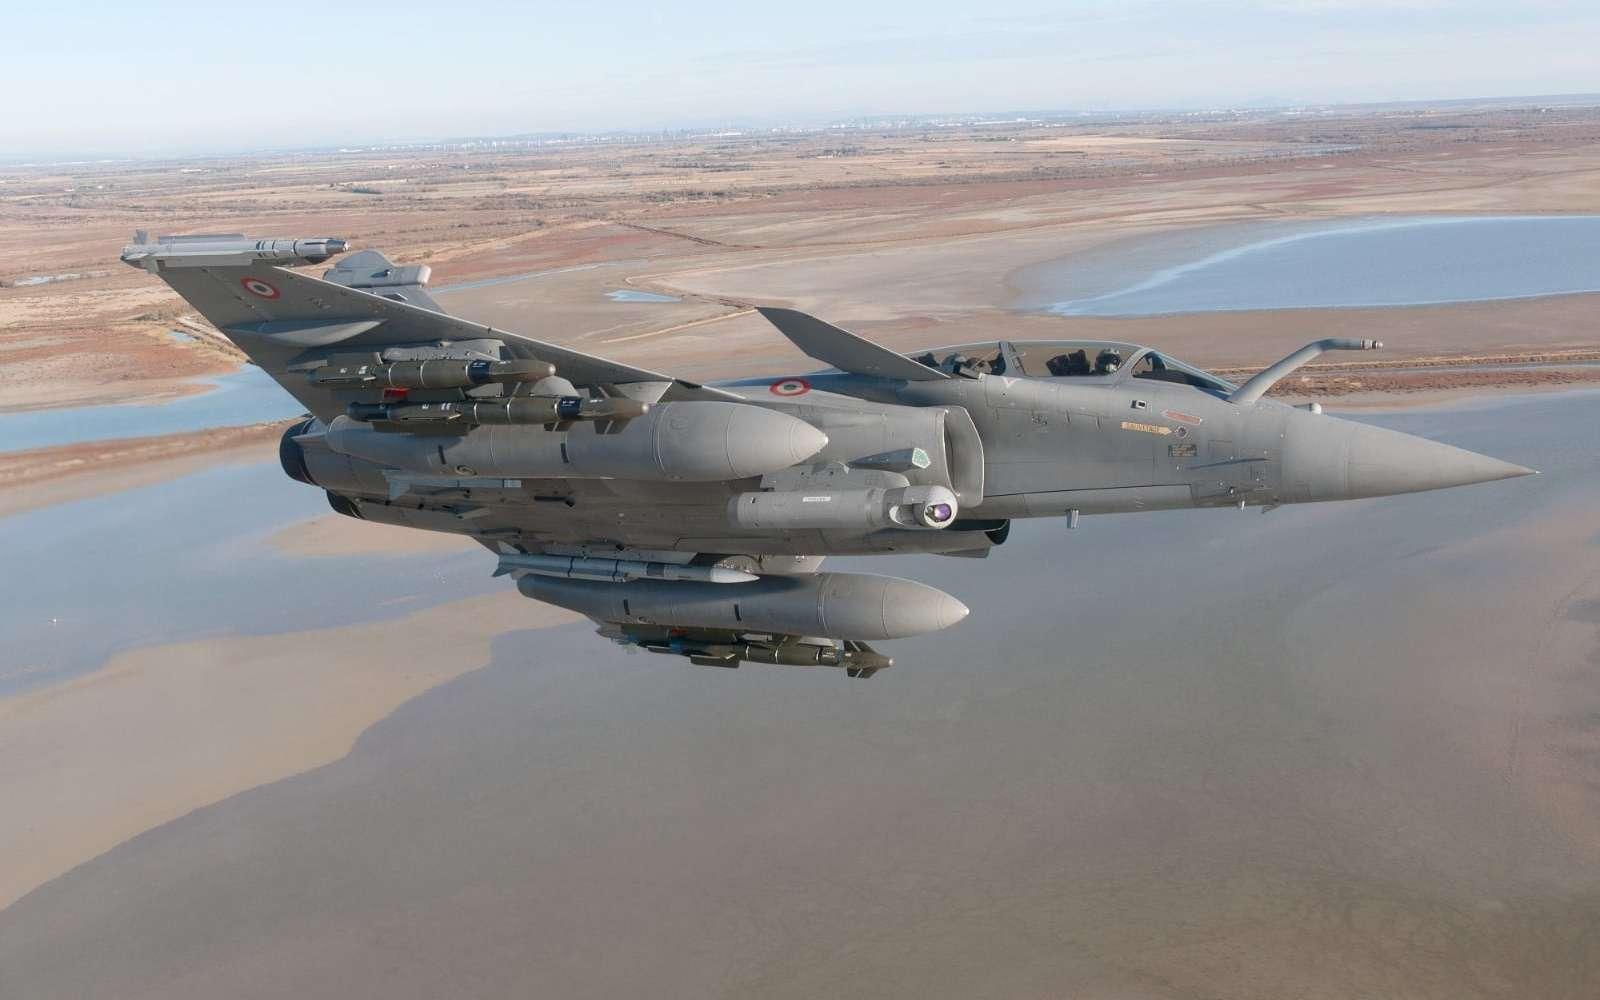 Pour se maintenir face au ténor américain qu'est le F-35, le Rafale est mis à jour très régulièrement. © Dassault Aviation